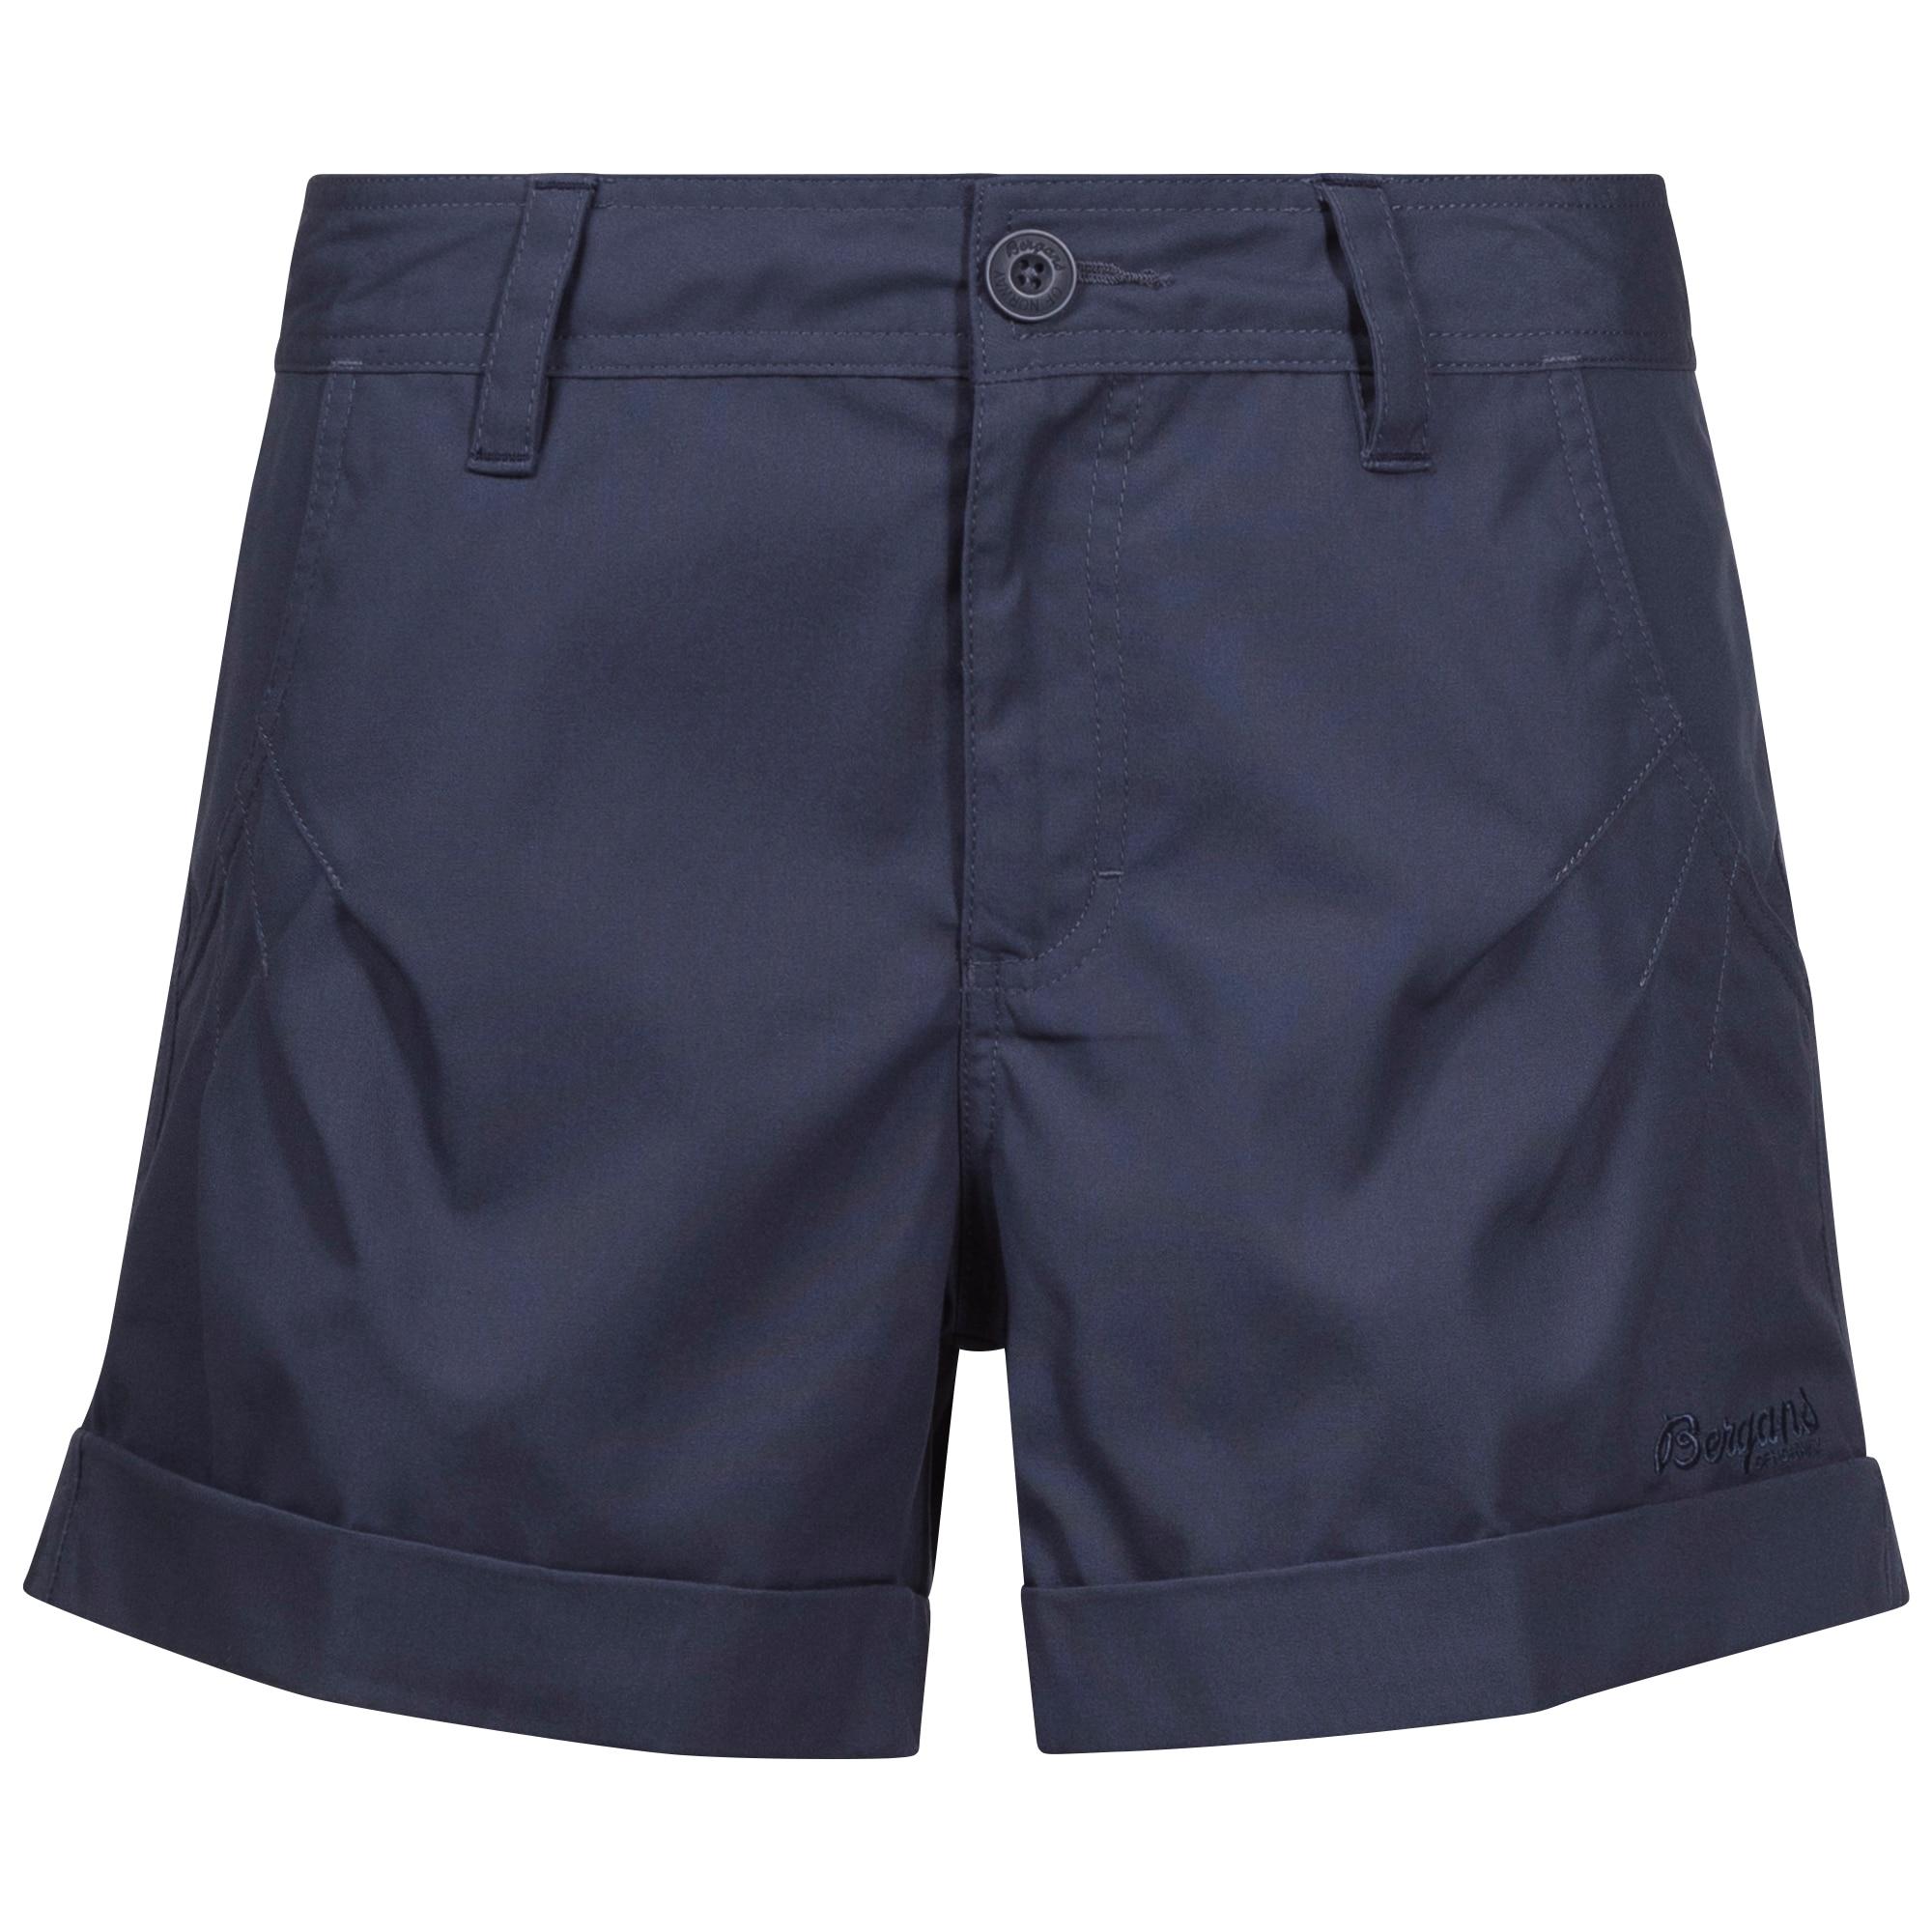 Mianna Lady Shorts